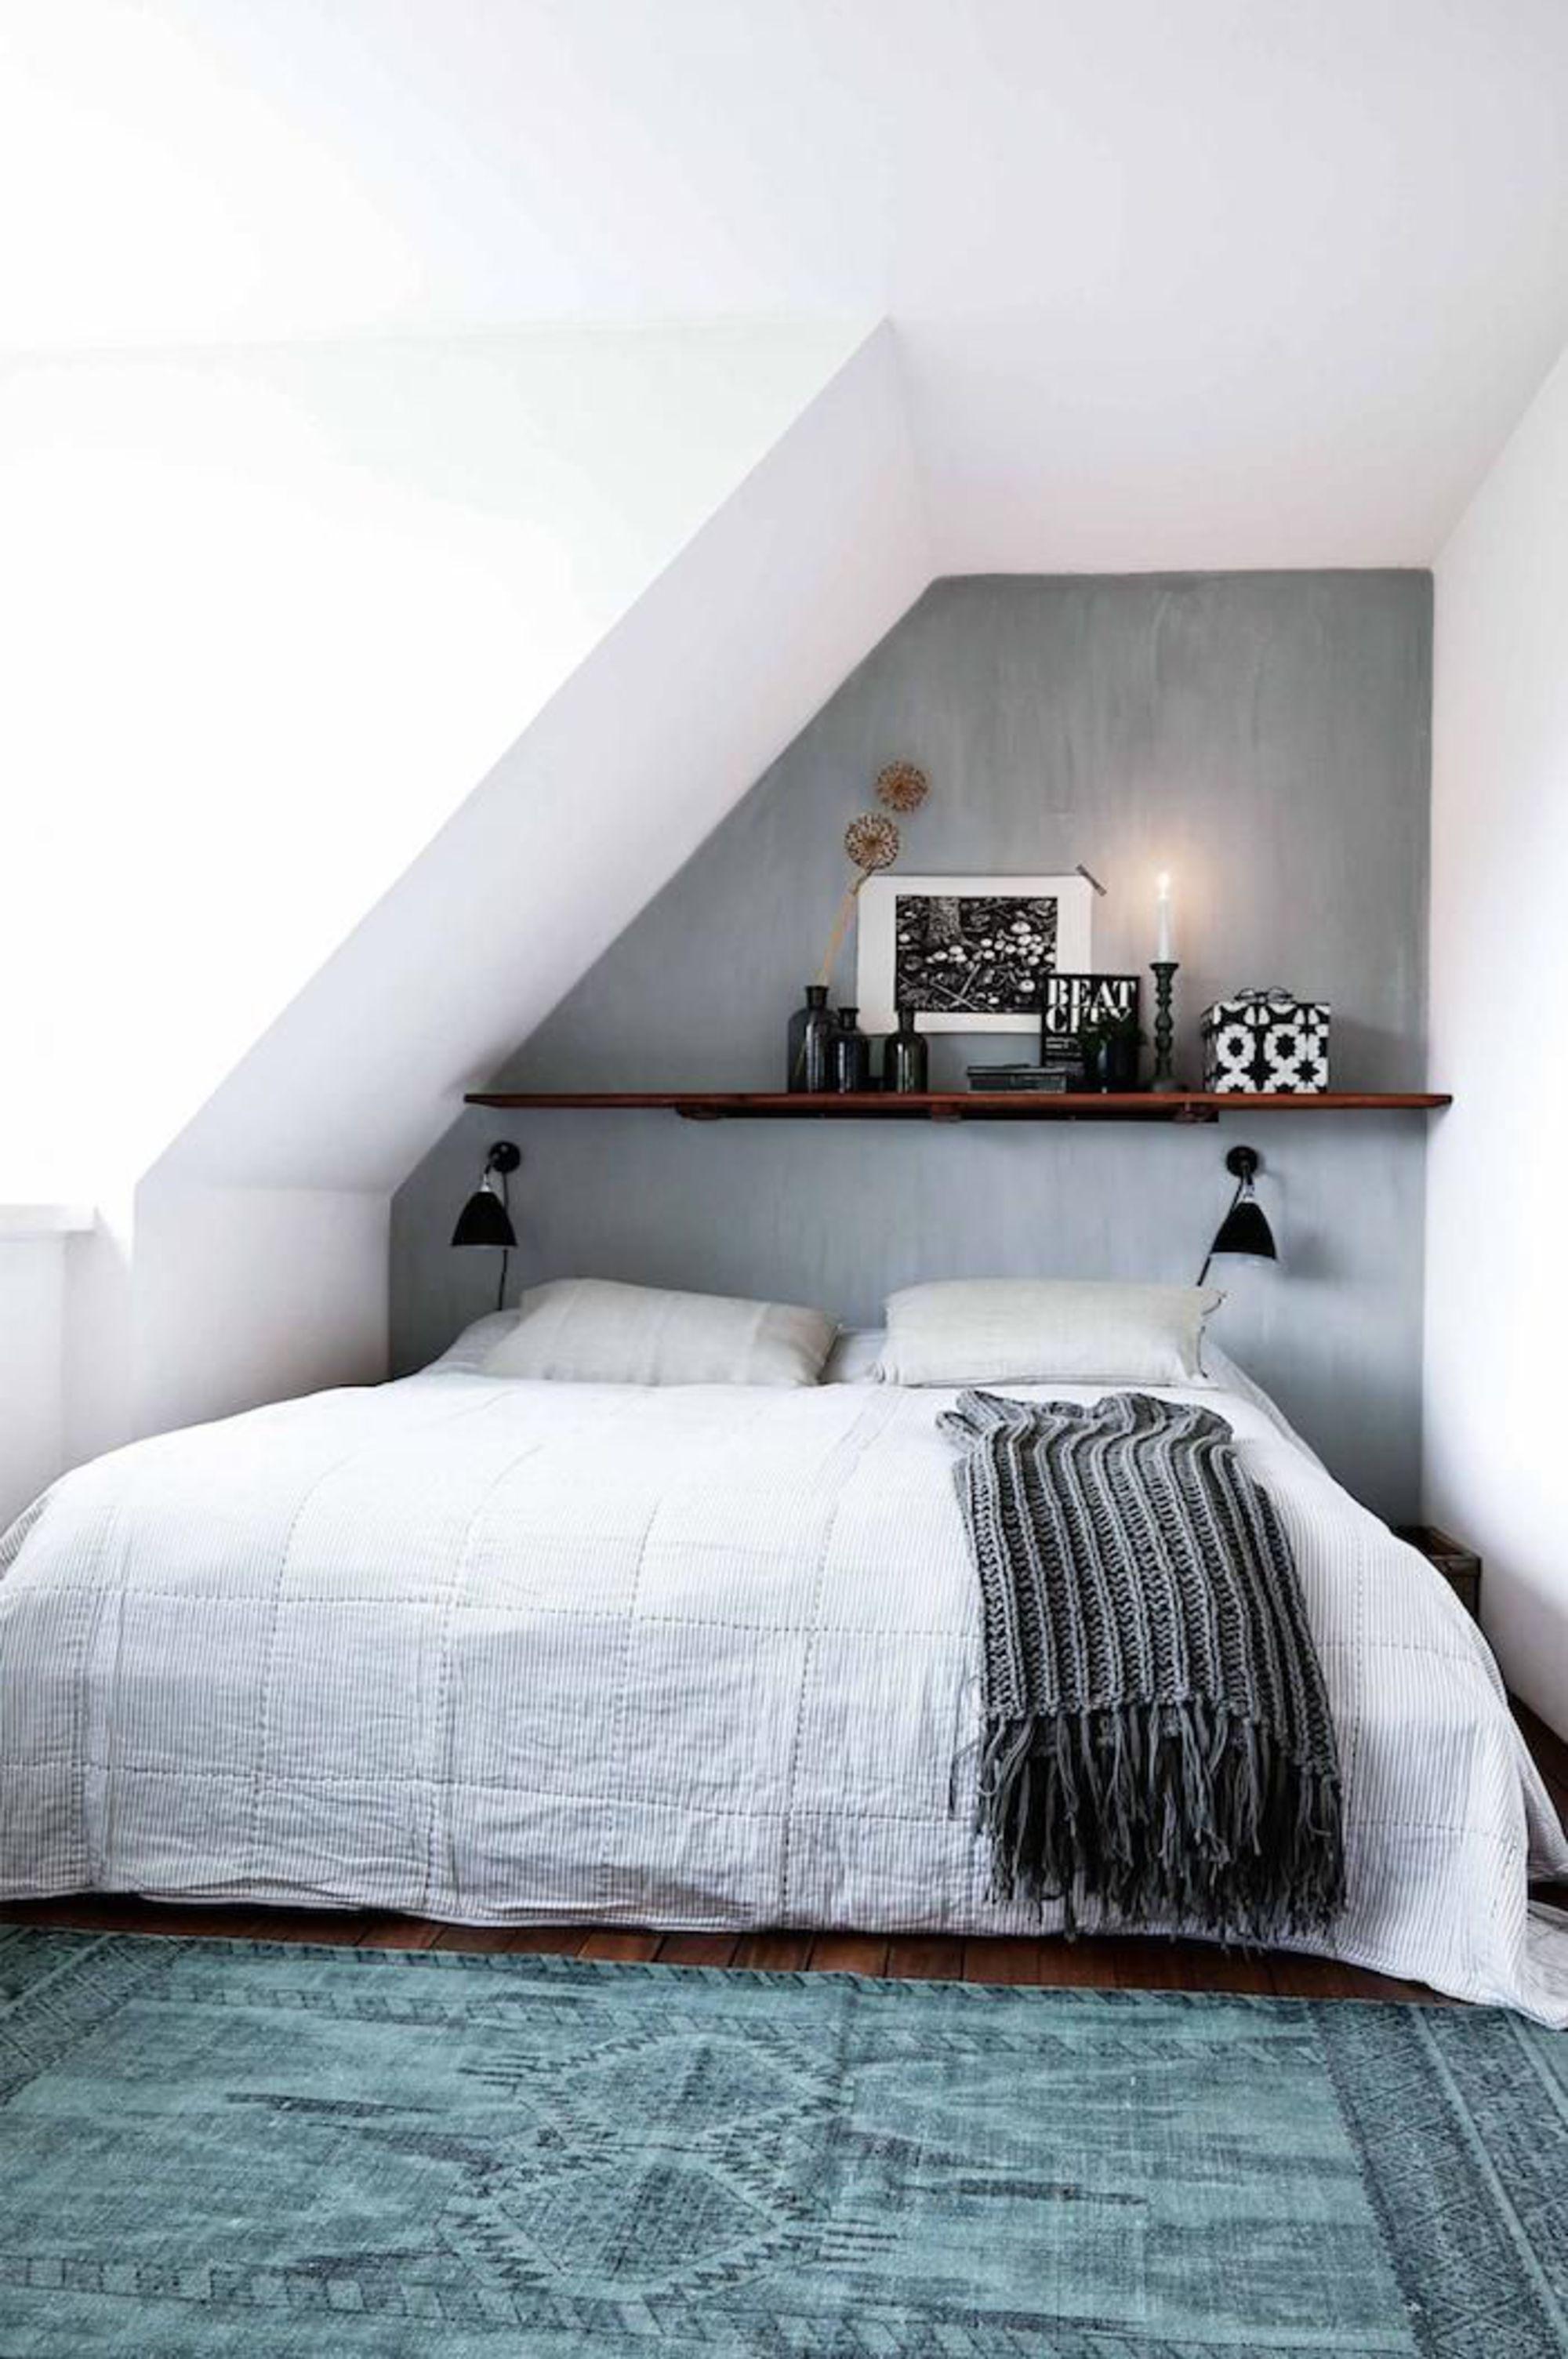 chambre-a-coucher-meuble-suedois-meubles-scandinaves-combles-etagre-mur-couleur-lili-in-wonderland